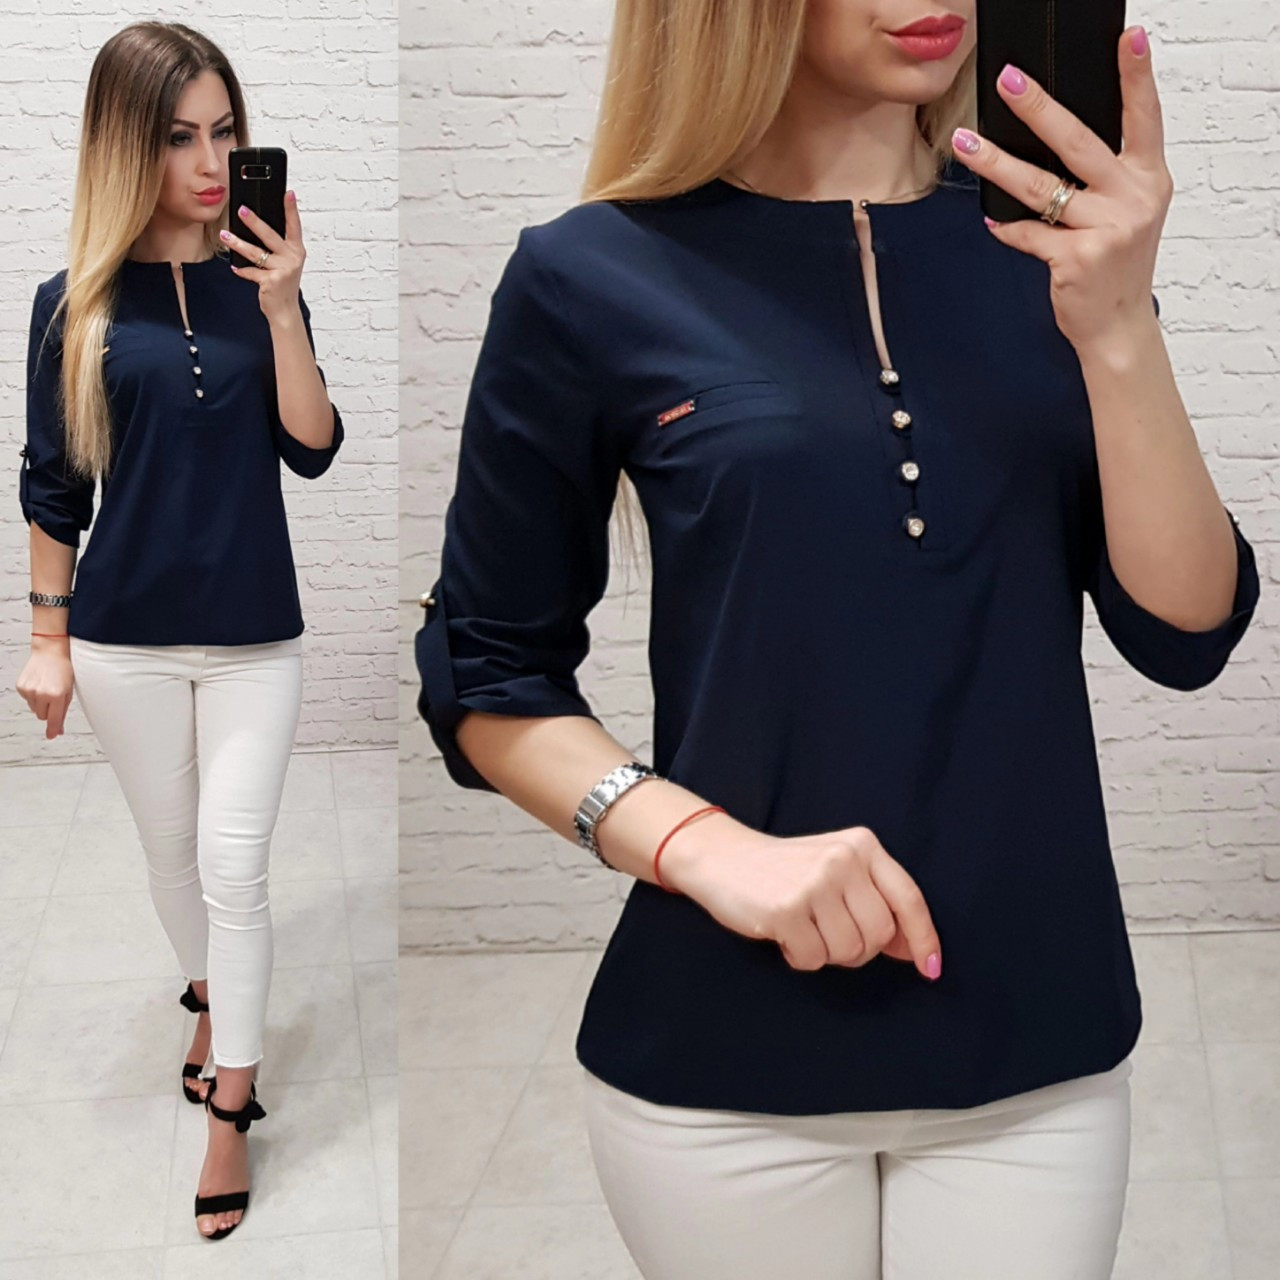 Блузка /блуза с пуговками на груди, модель 830 , цвет тёмно синий